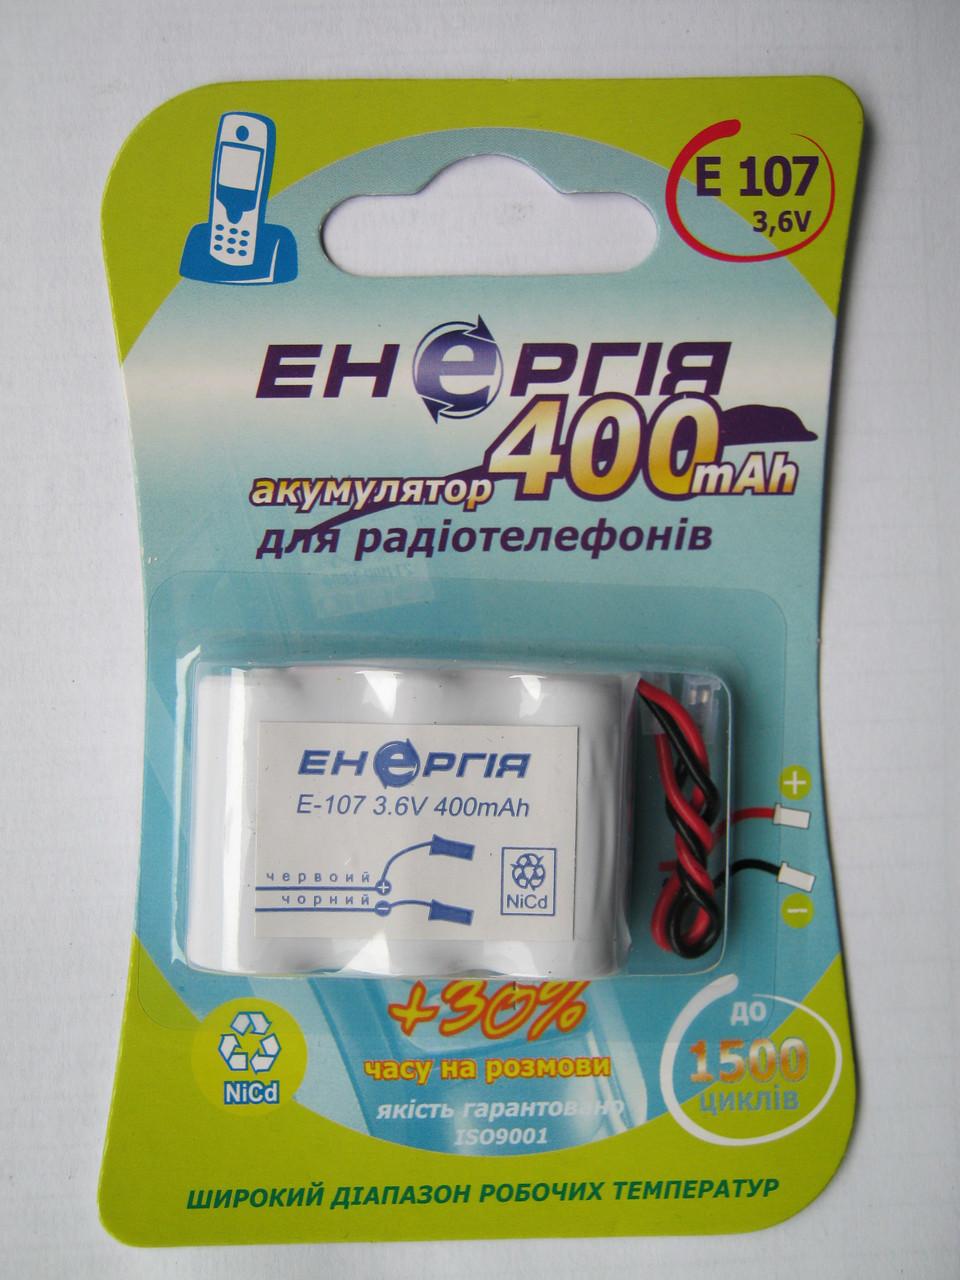 Акумулятор Енергія E107 для радіотелефонів